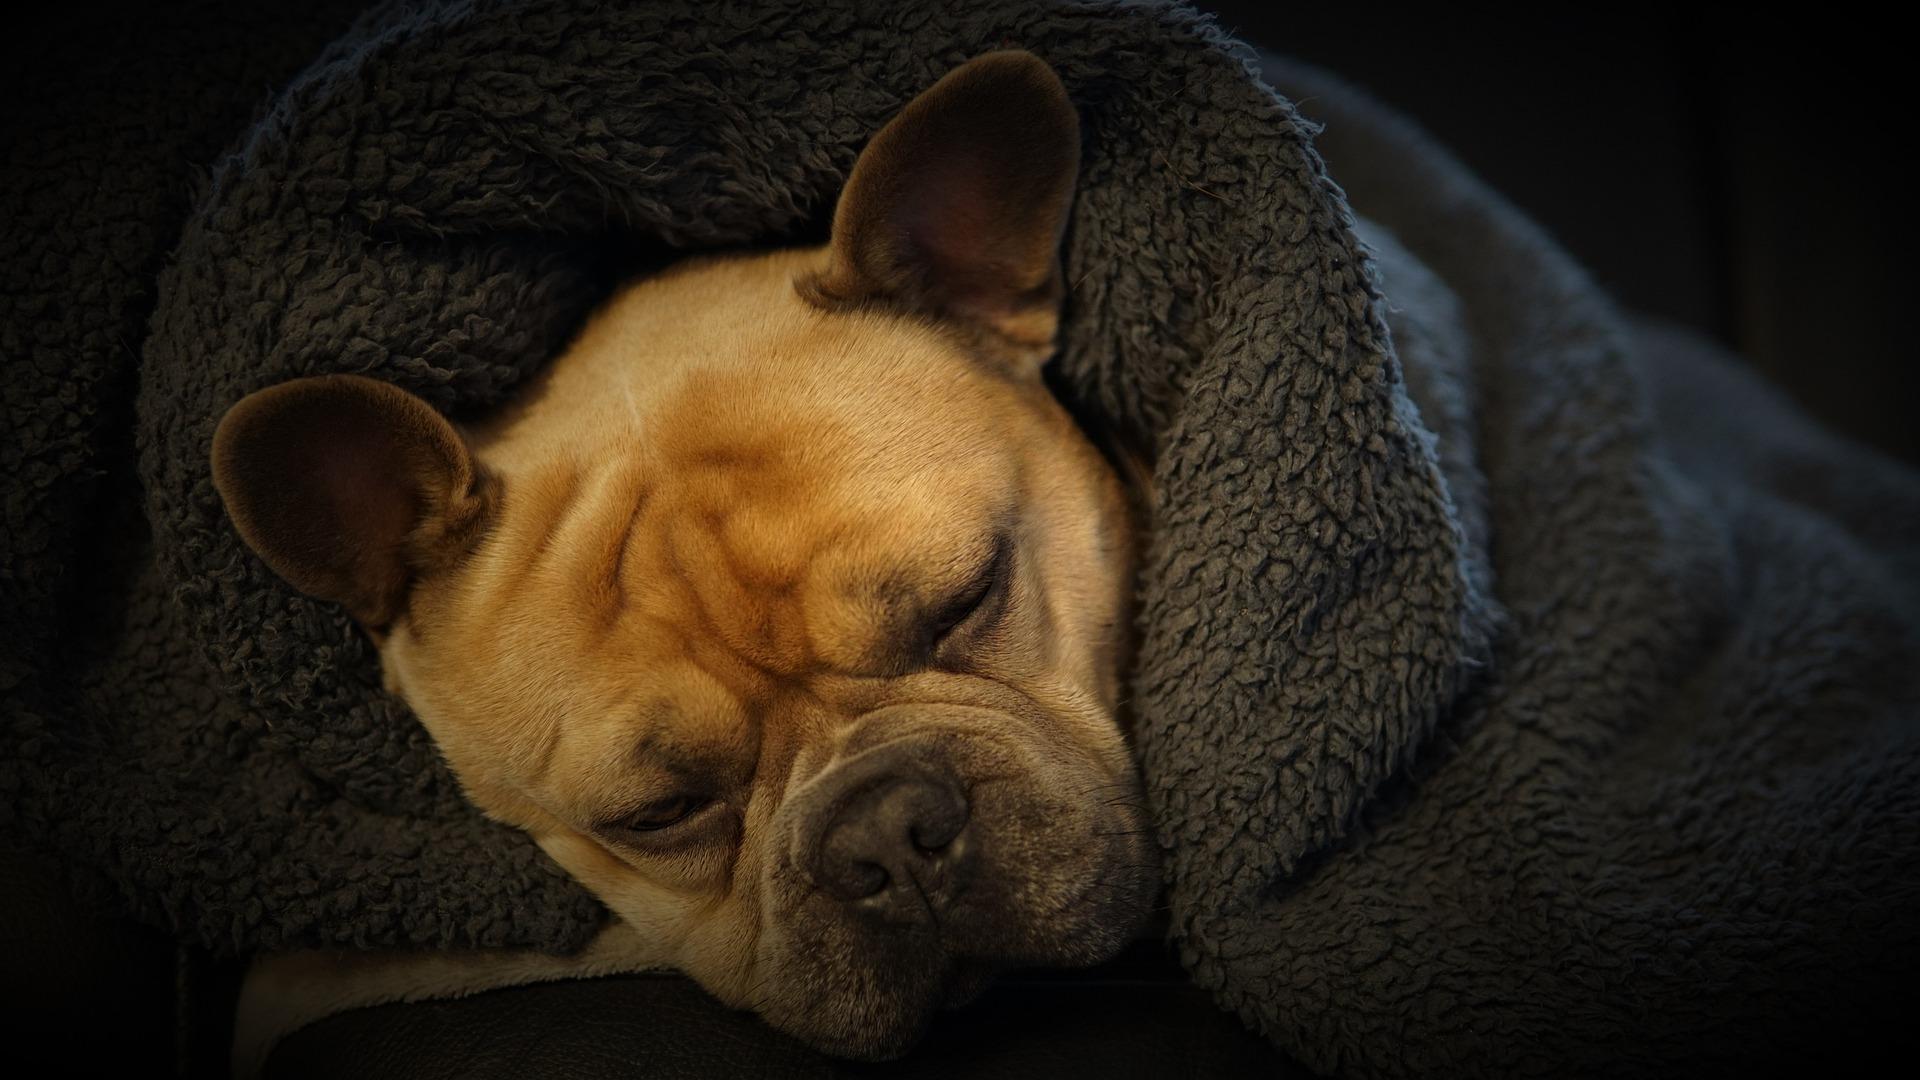 Pets também precisam de cuidados no frio. Crédito: Reprodução/Pixabay